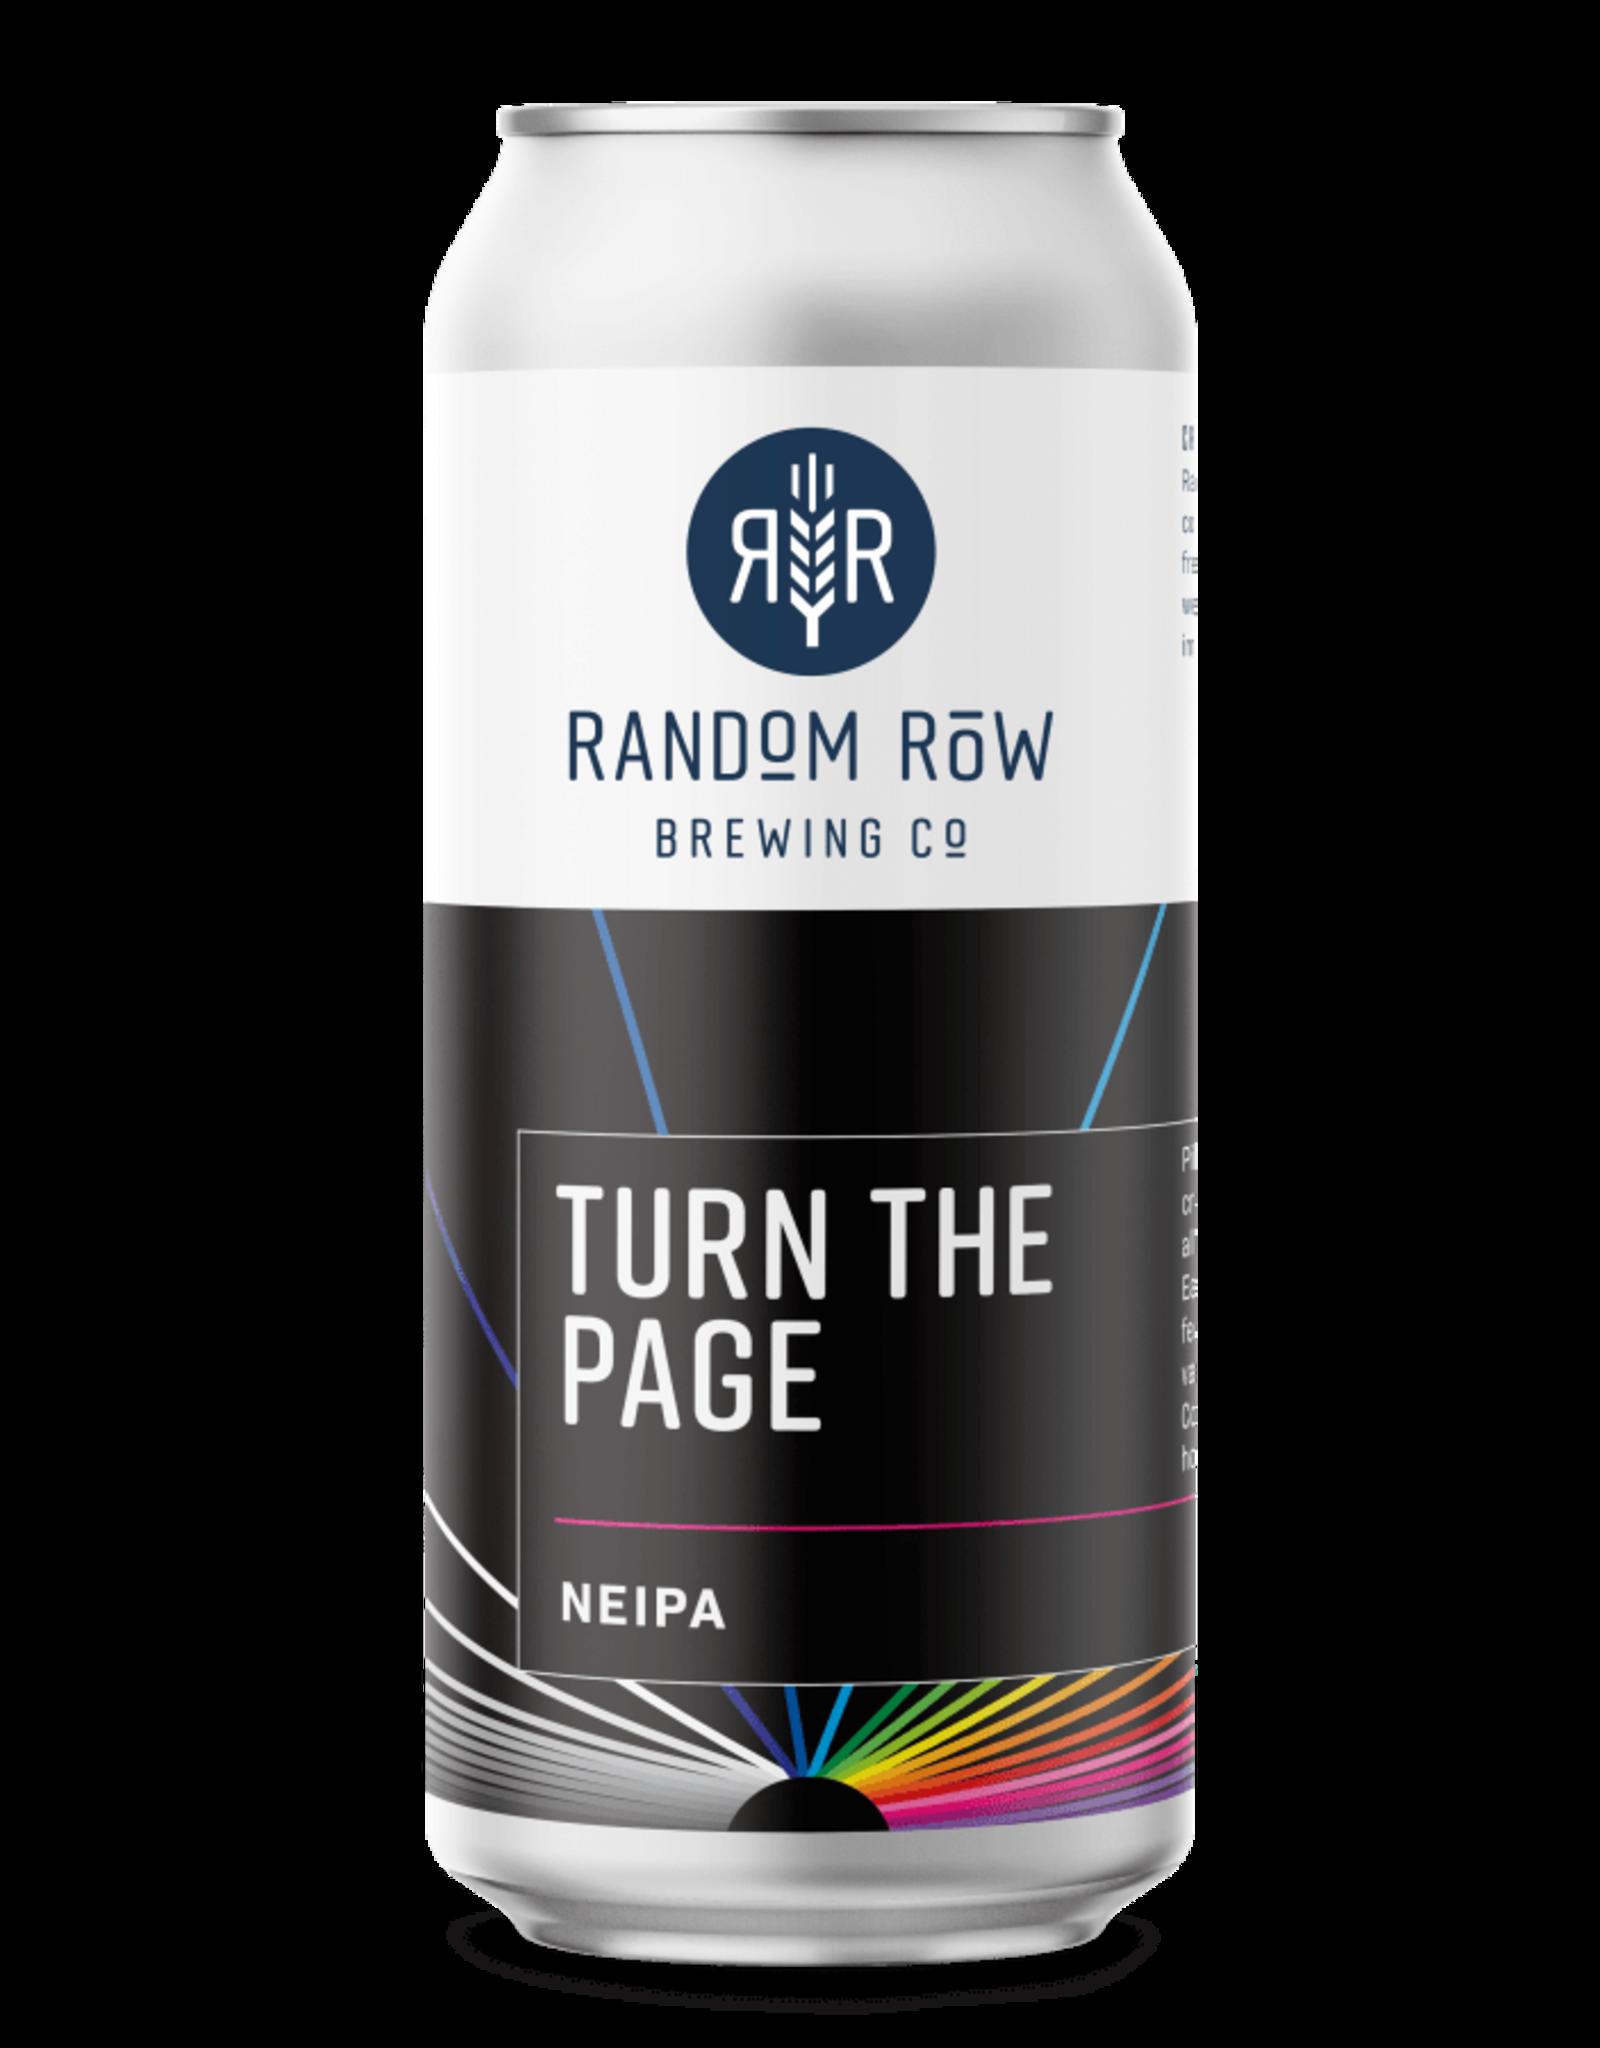 Random Row Random Row, Turn The Page, NEIPA